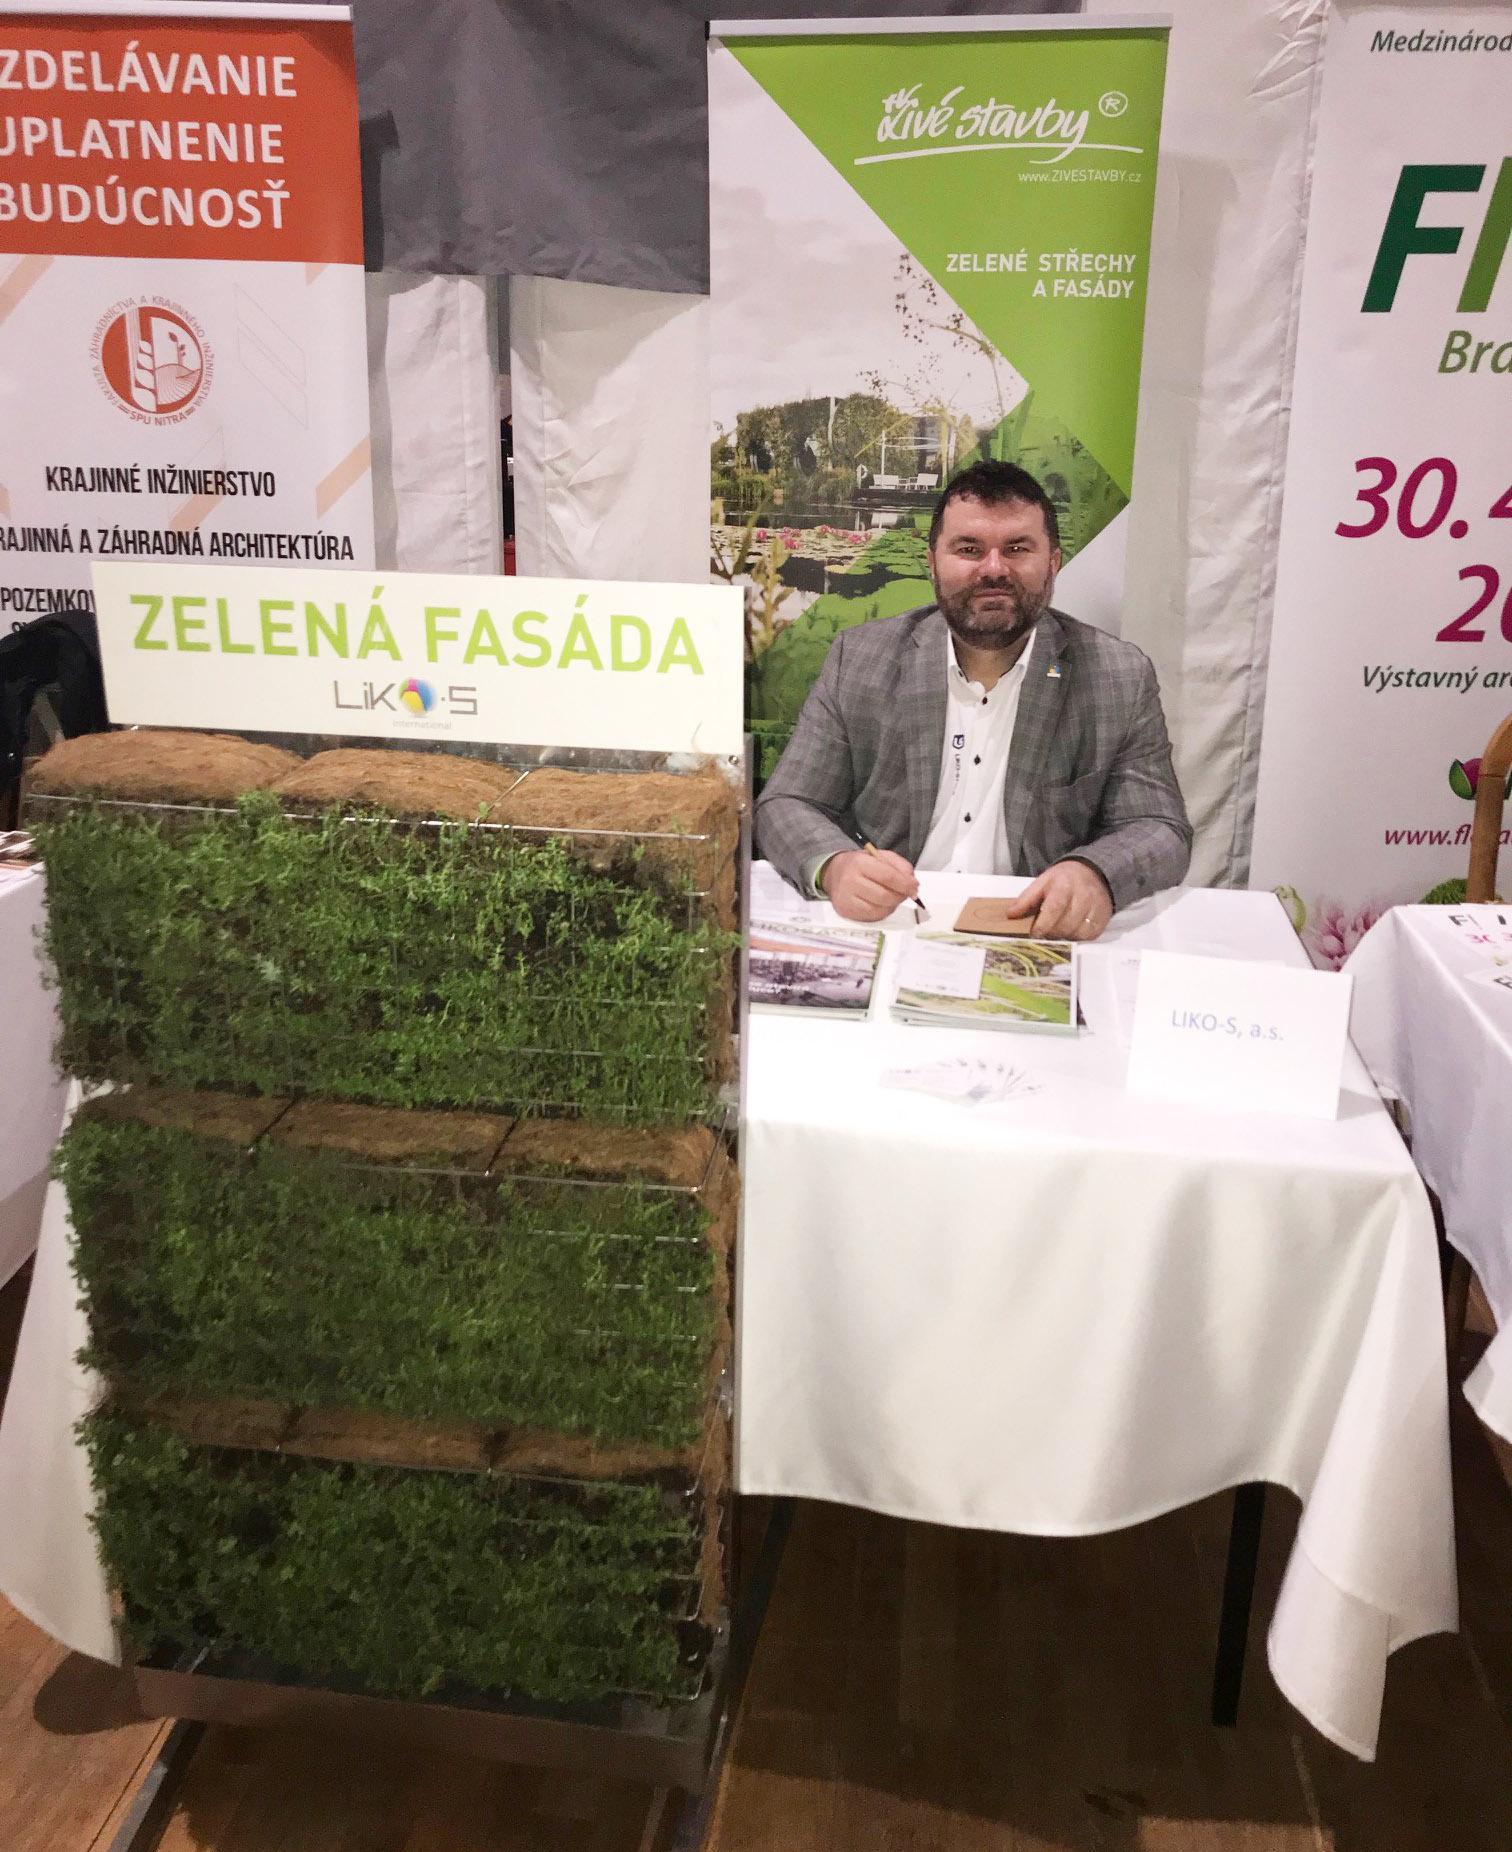 Živé stavby Slovensko na Zahradnickém fóru 2020!